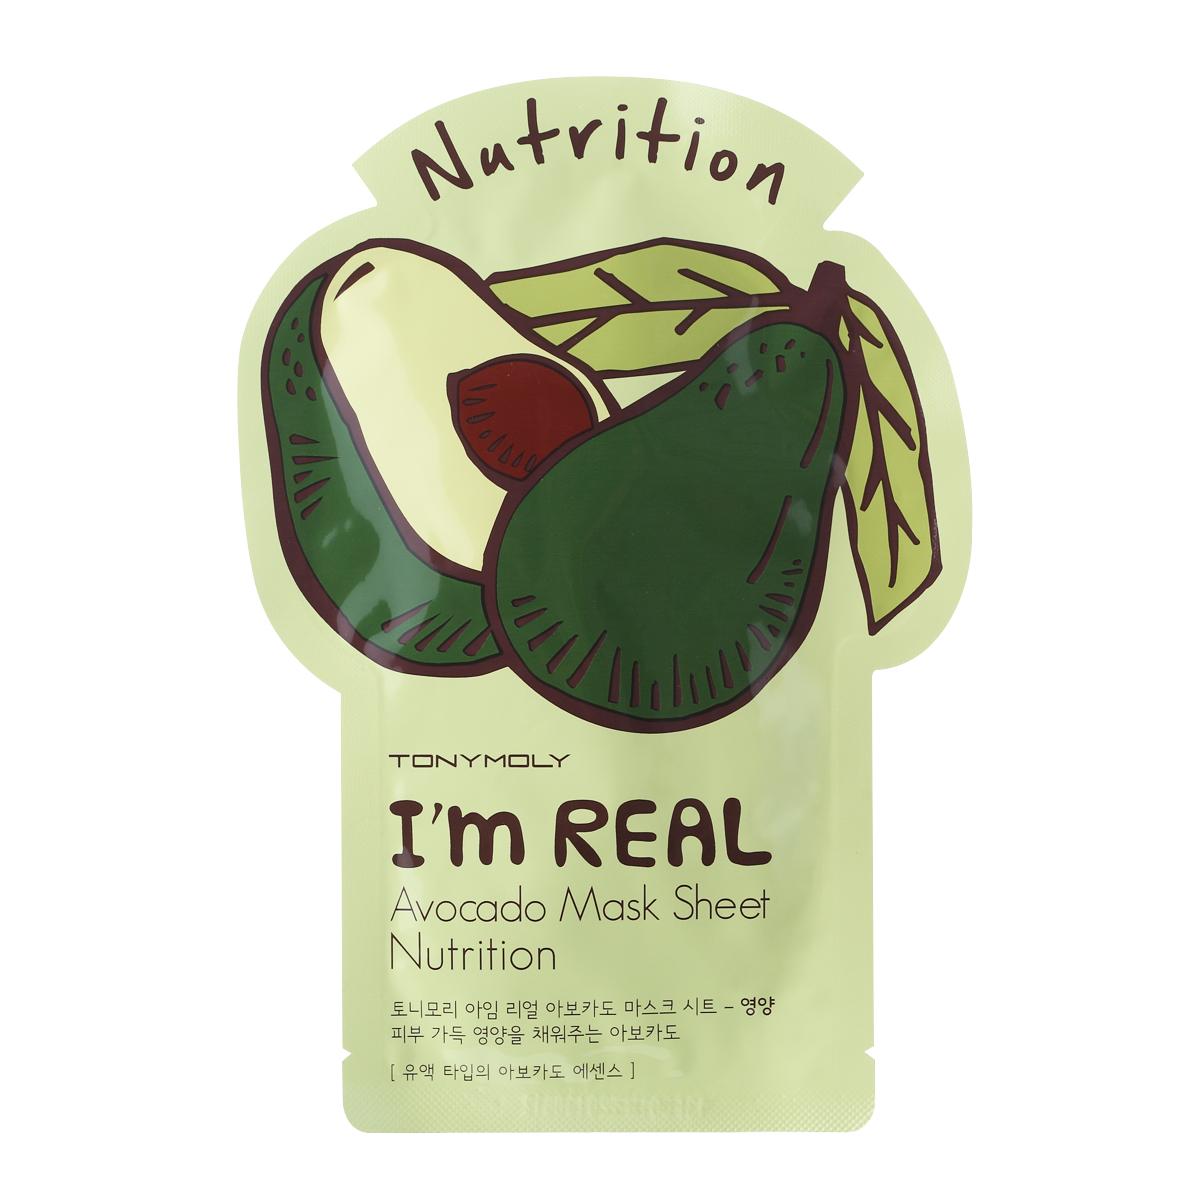 TonyMoly Тканевая маска с экстрактом авокадо Im Real Avocado Mask Sheet, 21 млFS-00897Маска состоит из трех слоев, благодаря чему обеспечивается более интенсивное и глубокое проникновение активных веществ. Маска плотно прилегает к коже и блокирует доступ воздуха, благодаря чему активные вещества проникают еще глубже в клетки кожи. Экстракт авокадо питает, смягчает и успокаивает кожу, придает ей мягкость, бархатистость и выравнивает тон лица. Применение маски снимет тусклость кожи, улучшит эластичность, повысит тонус и подарит коже упругость. Марка Tony Moly чаще всего размещает на упаковке (внизу или наверху на спайке двух сторон упаковки, на дне банки, на тубе сбоку) дату изготовления в формате: год/месяц/дата.